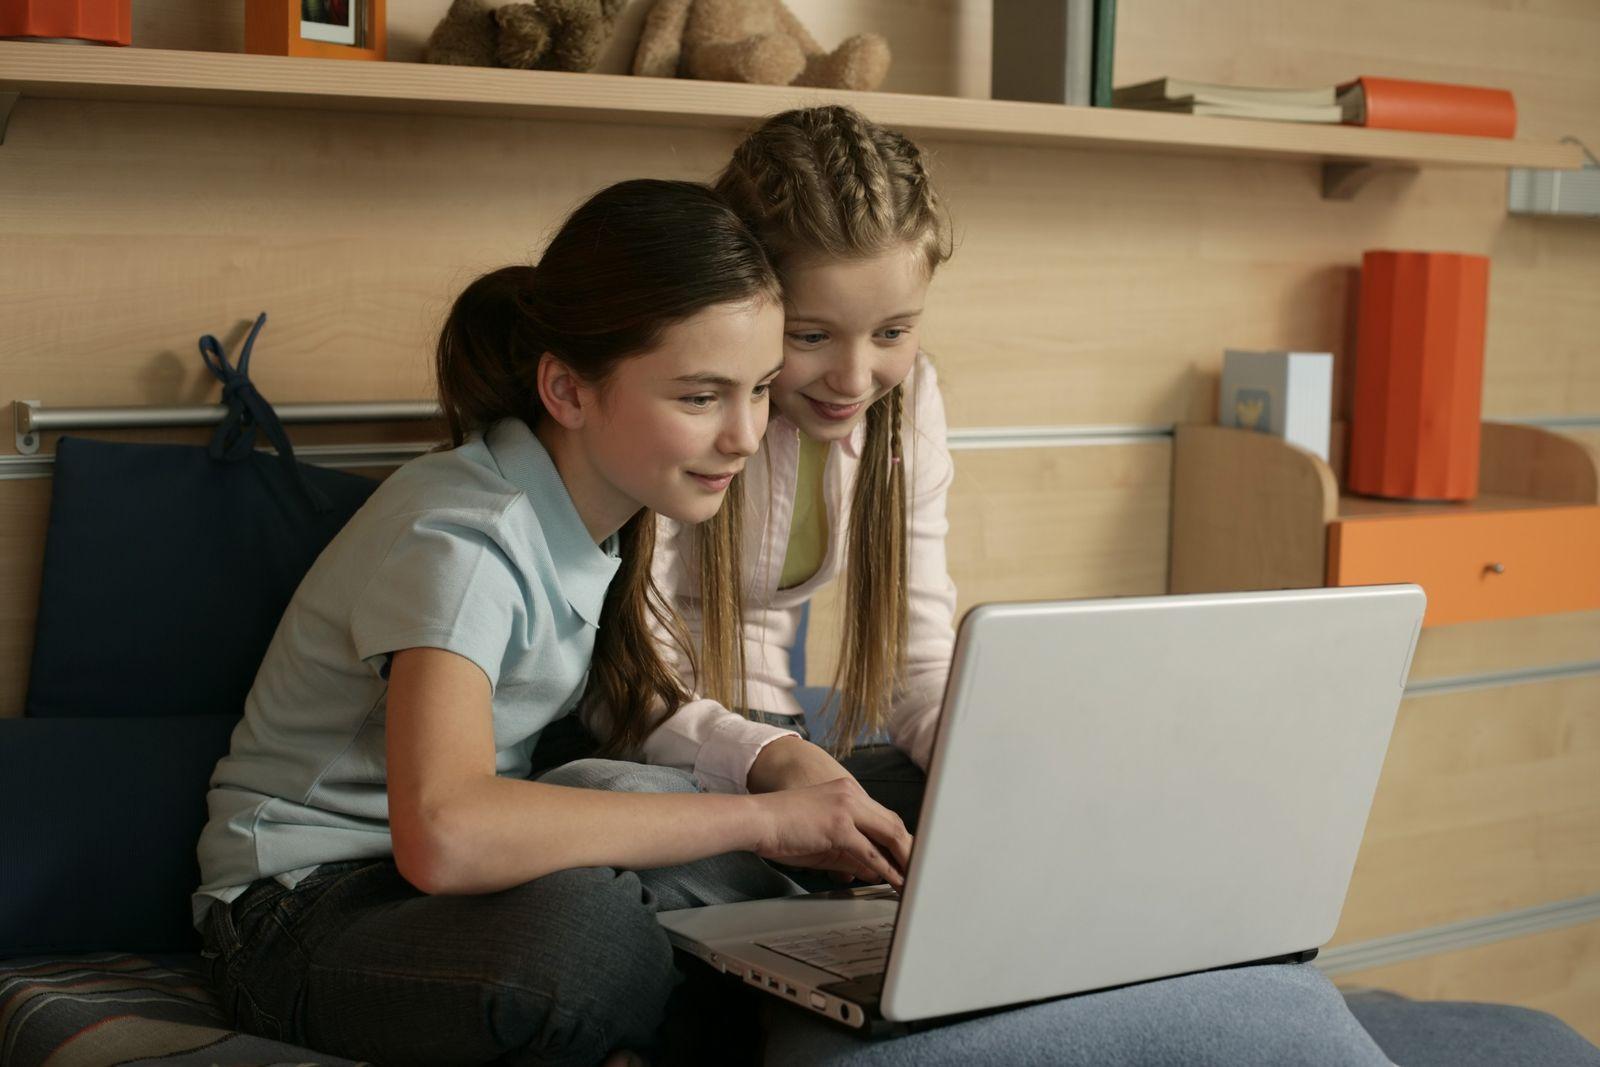 NICHT MEHR VERWENDEN! - Kinder/ Mädchen/ Computer/ Laptop